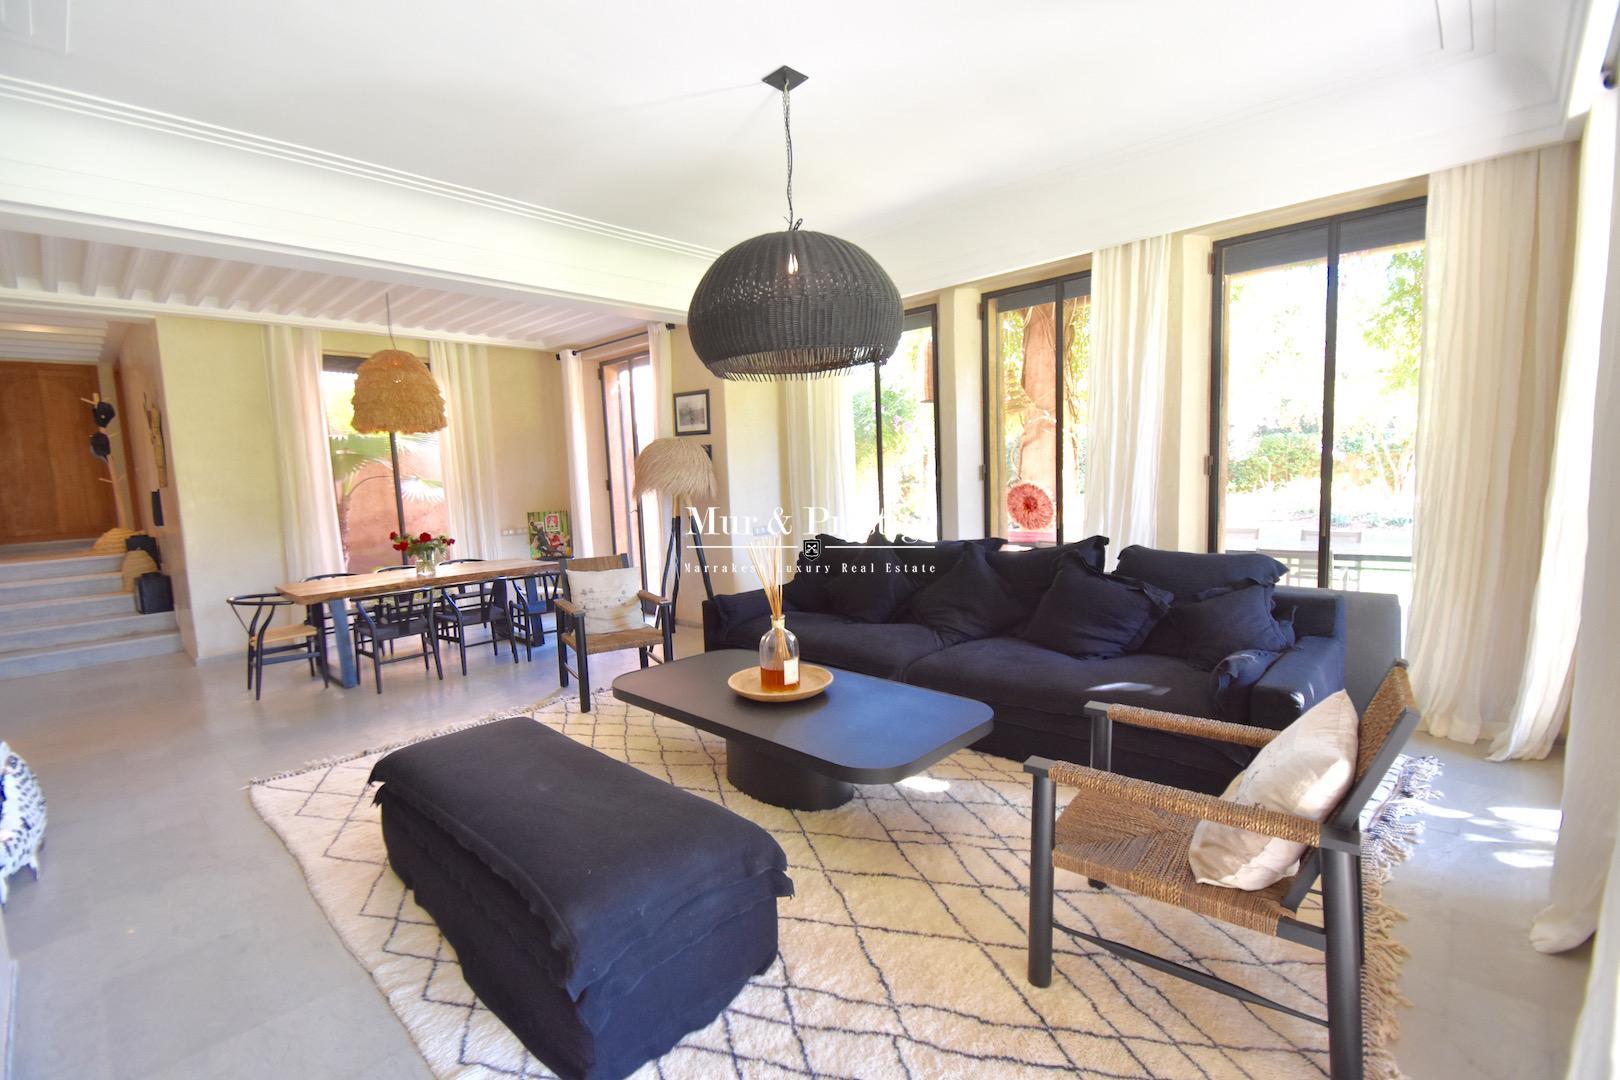 Maison à vendre à Bab Atlas